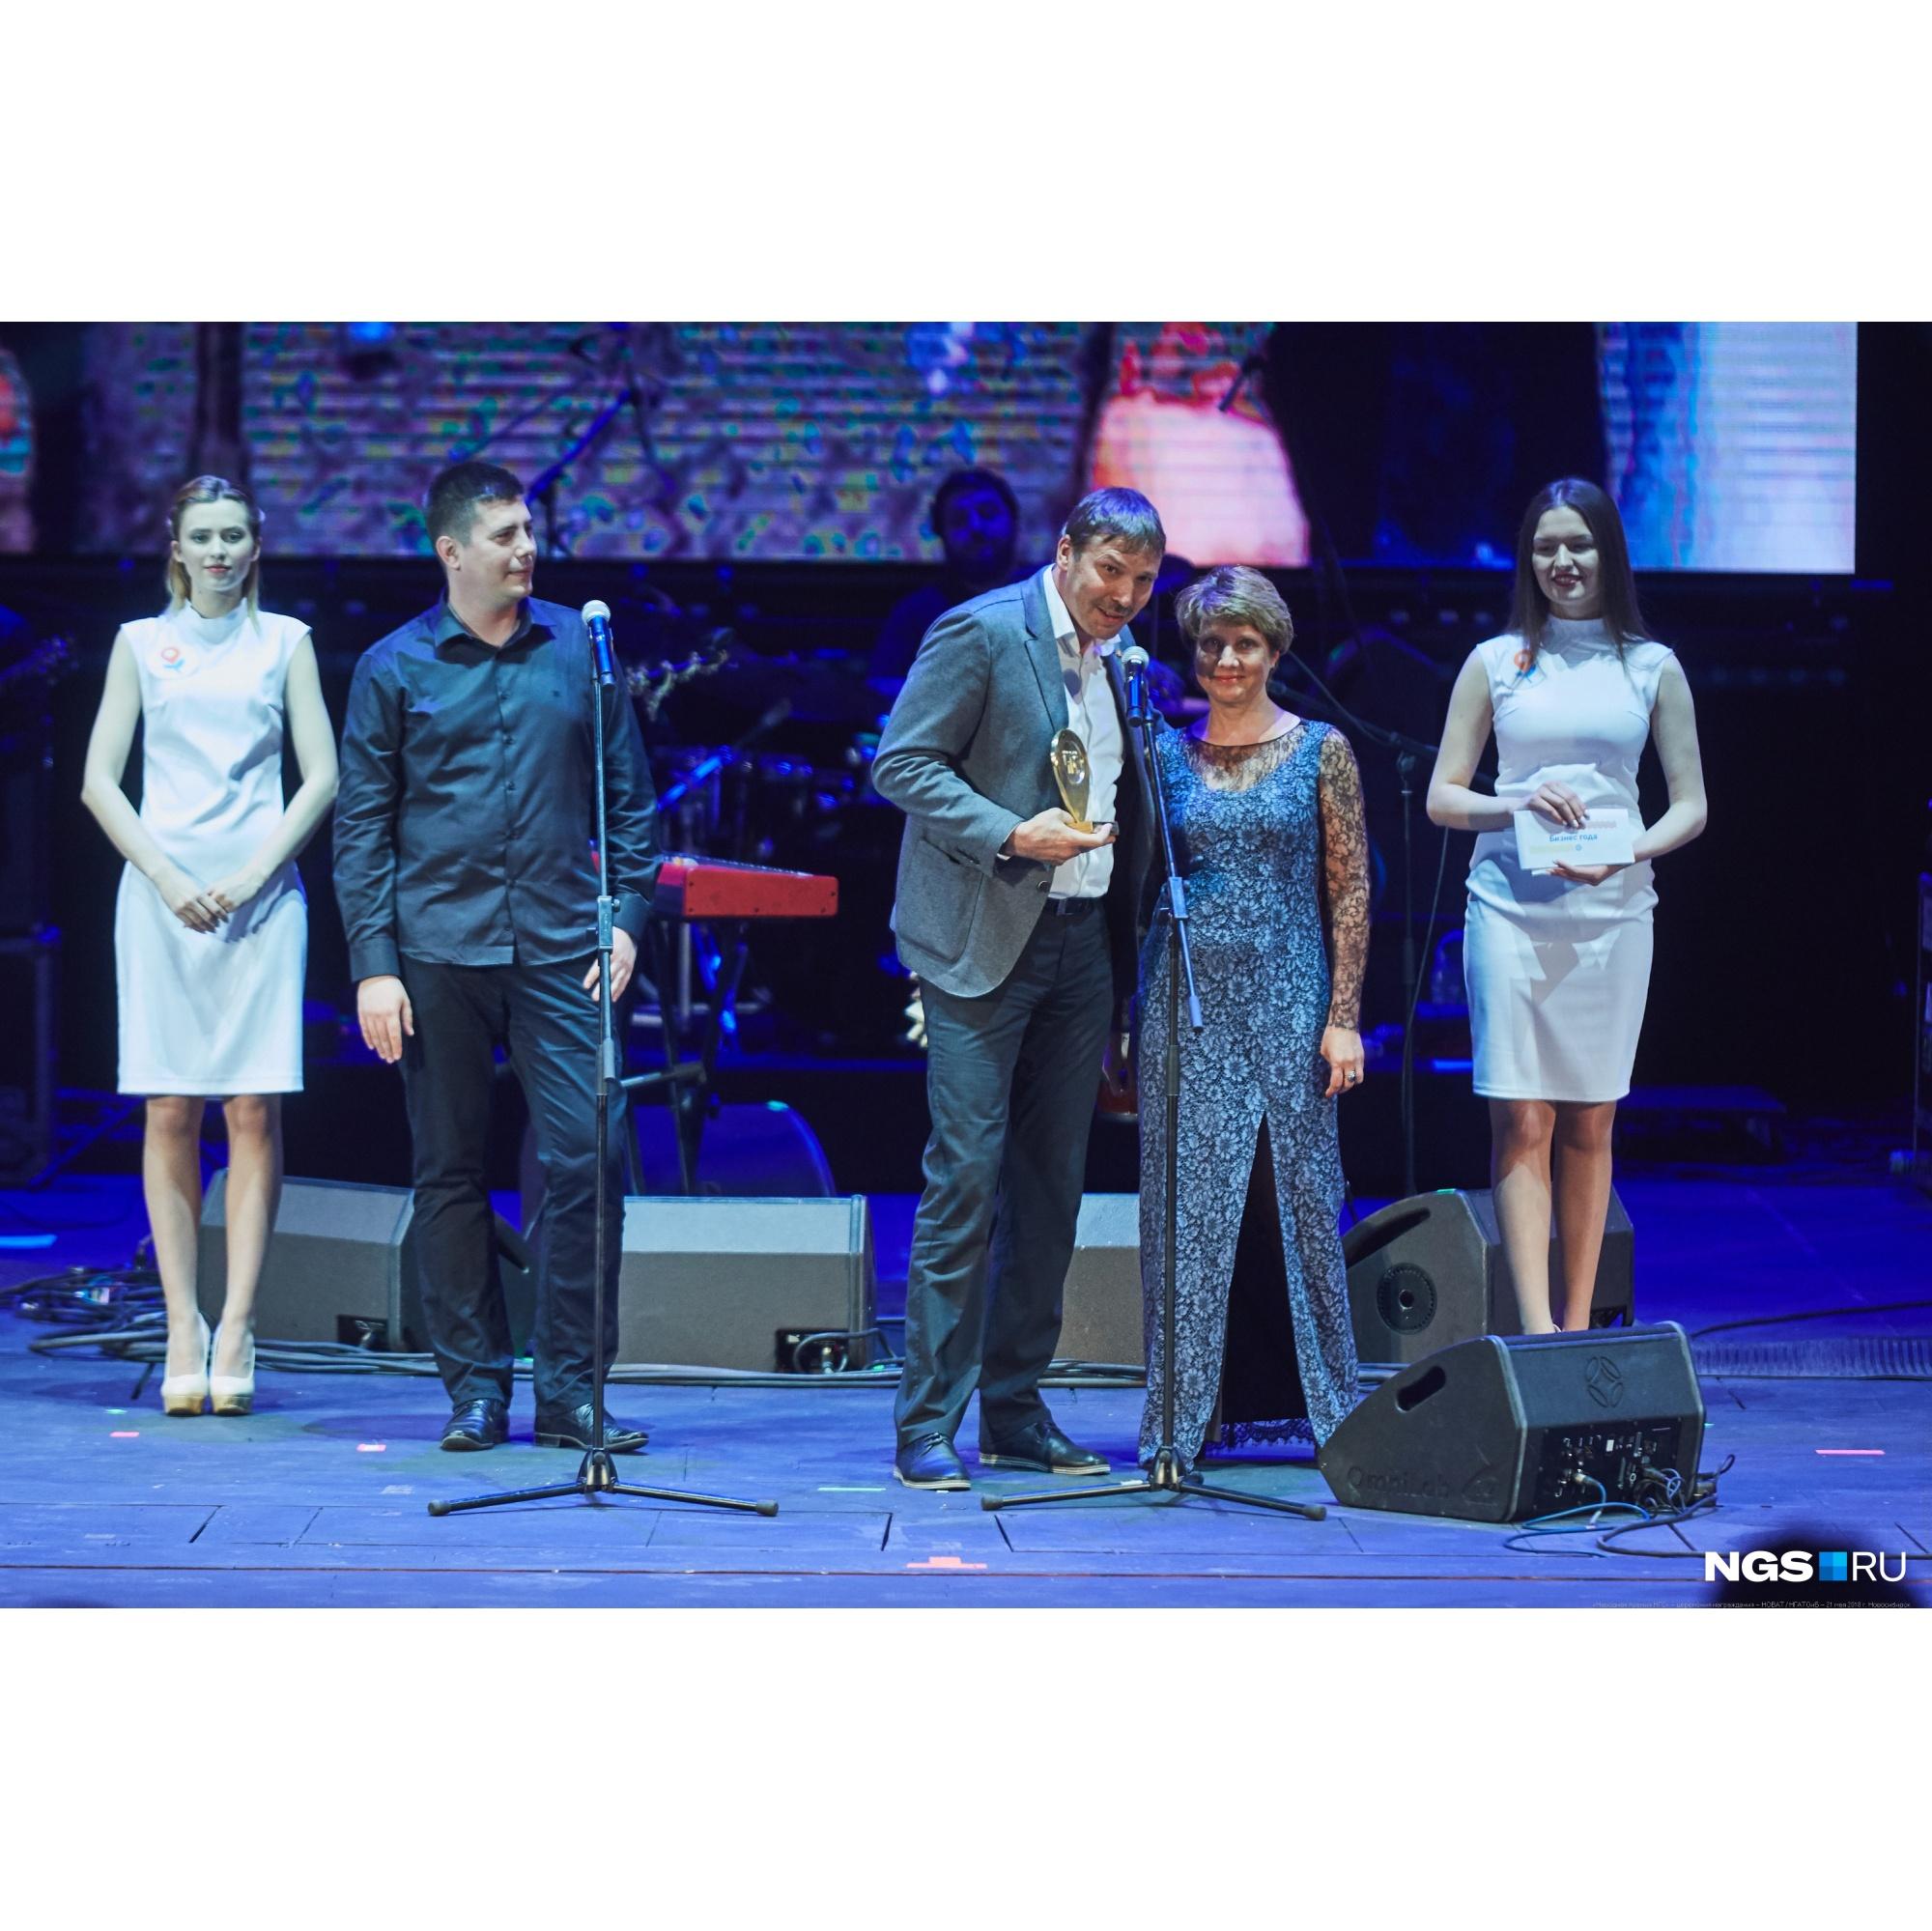 Семья Сысоевых — основателей «2ГИС» — получает премию от главного редактора НГС Александра Агафонова